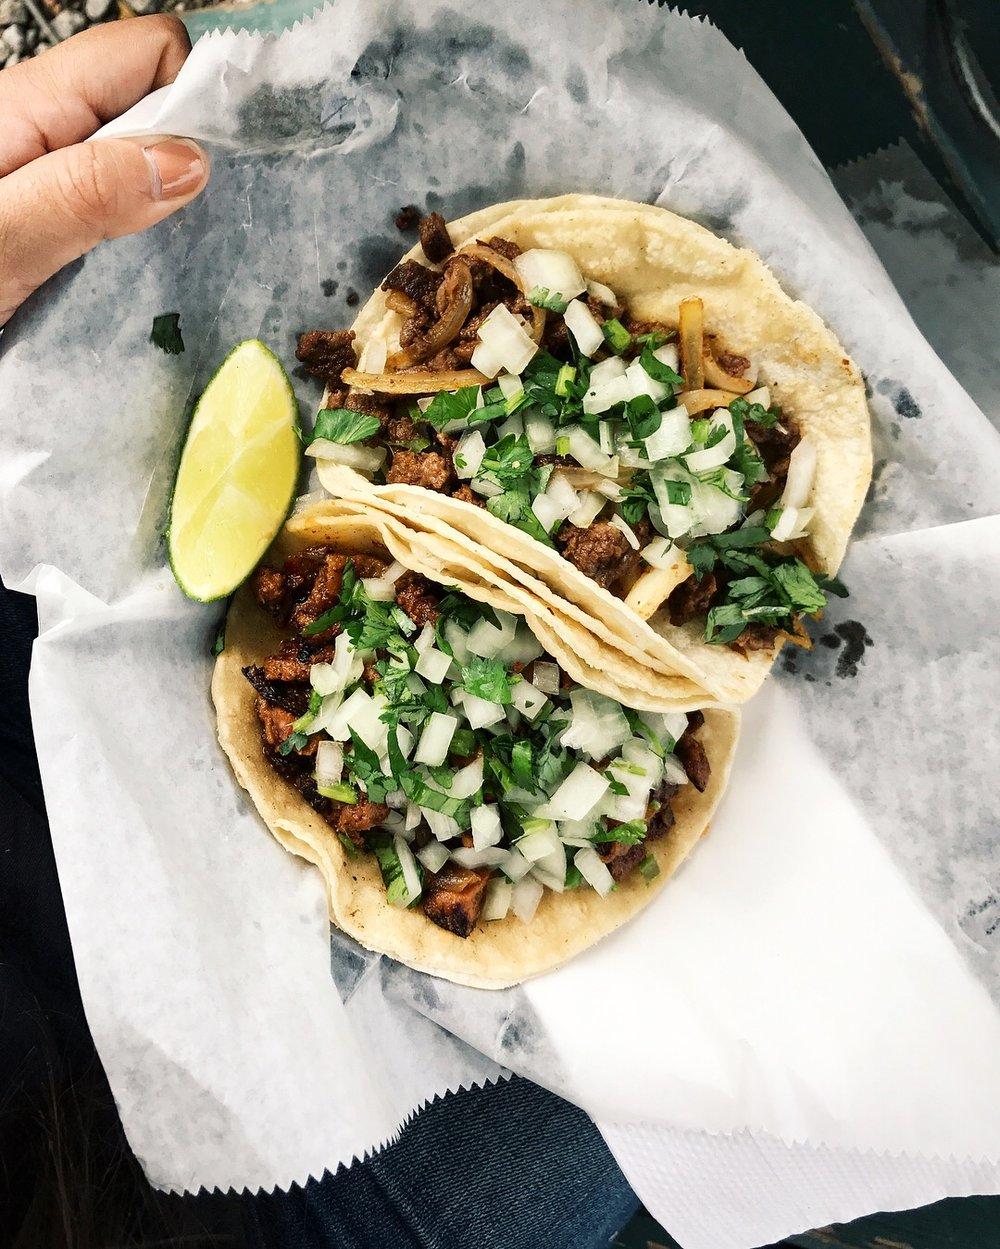 Best Taco Truck in Austin, Texas - El Primo Tacos - www.tresgigi.com